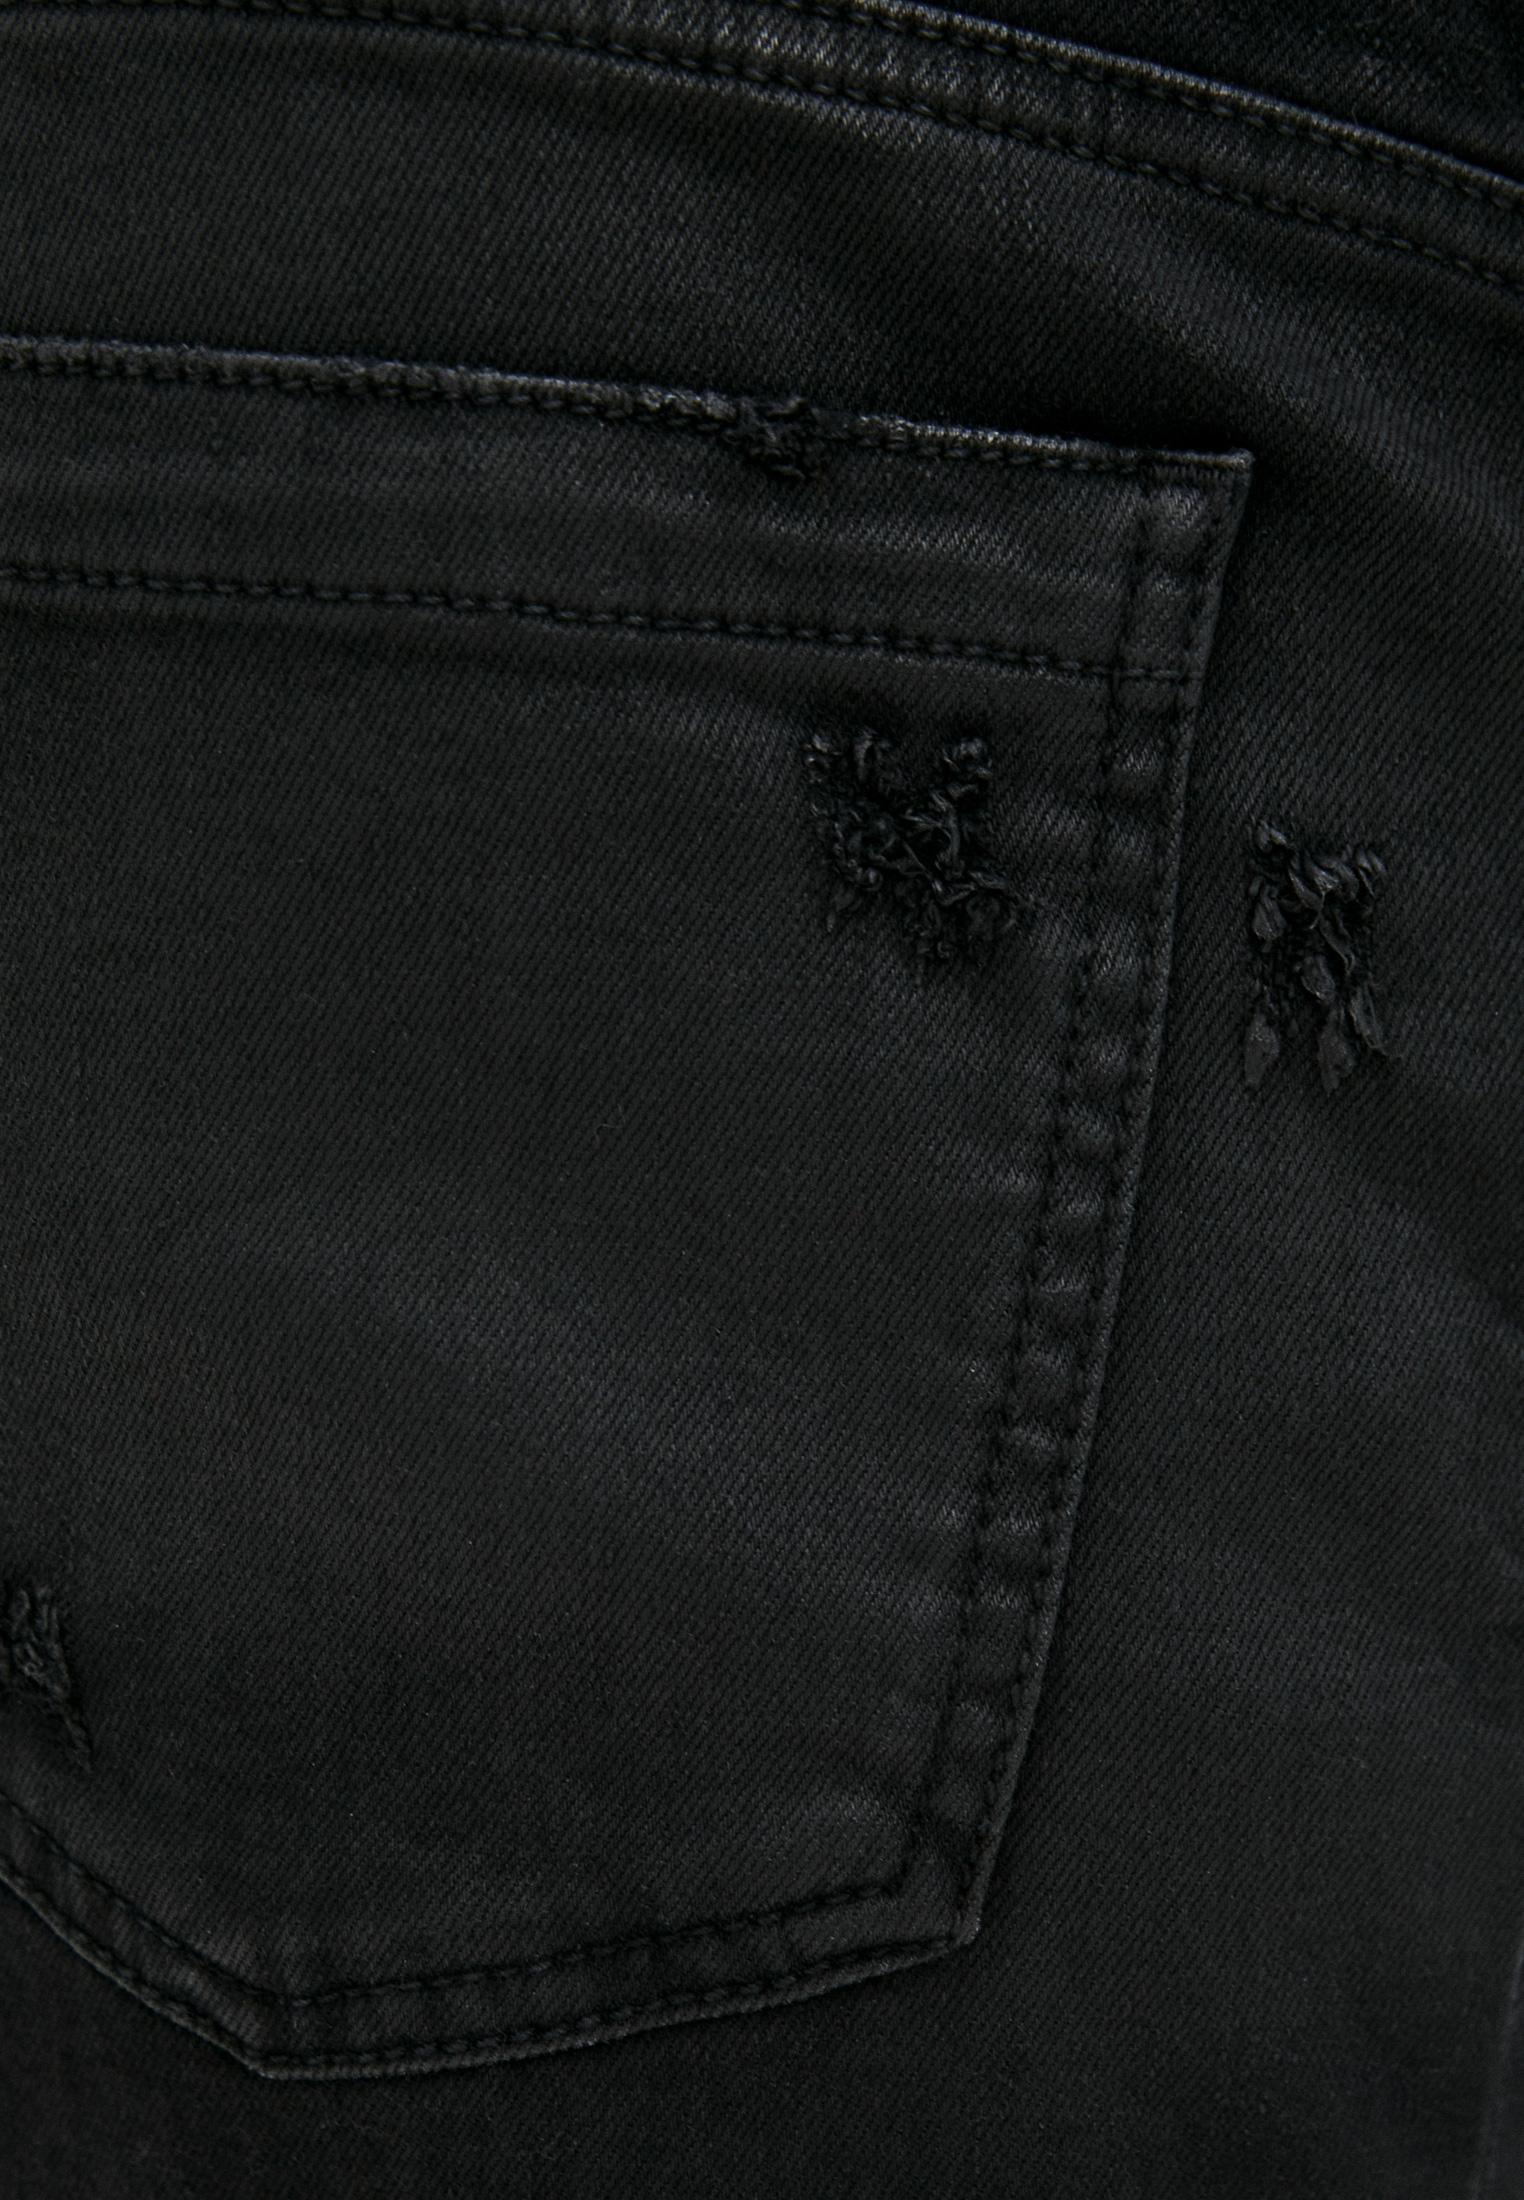 Мужские зауженные джинсы Bikkembergs (Биккембергс) C Q 001 85 S 2927: изображение 5